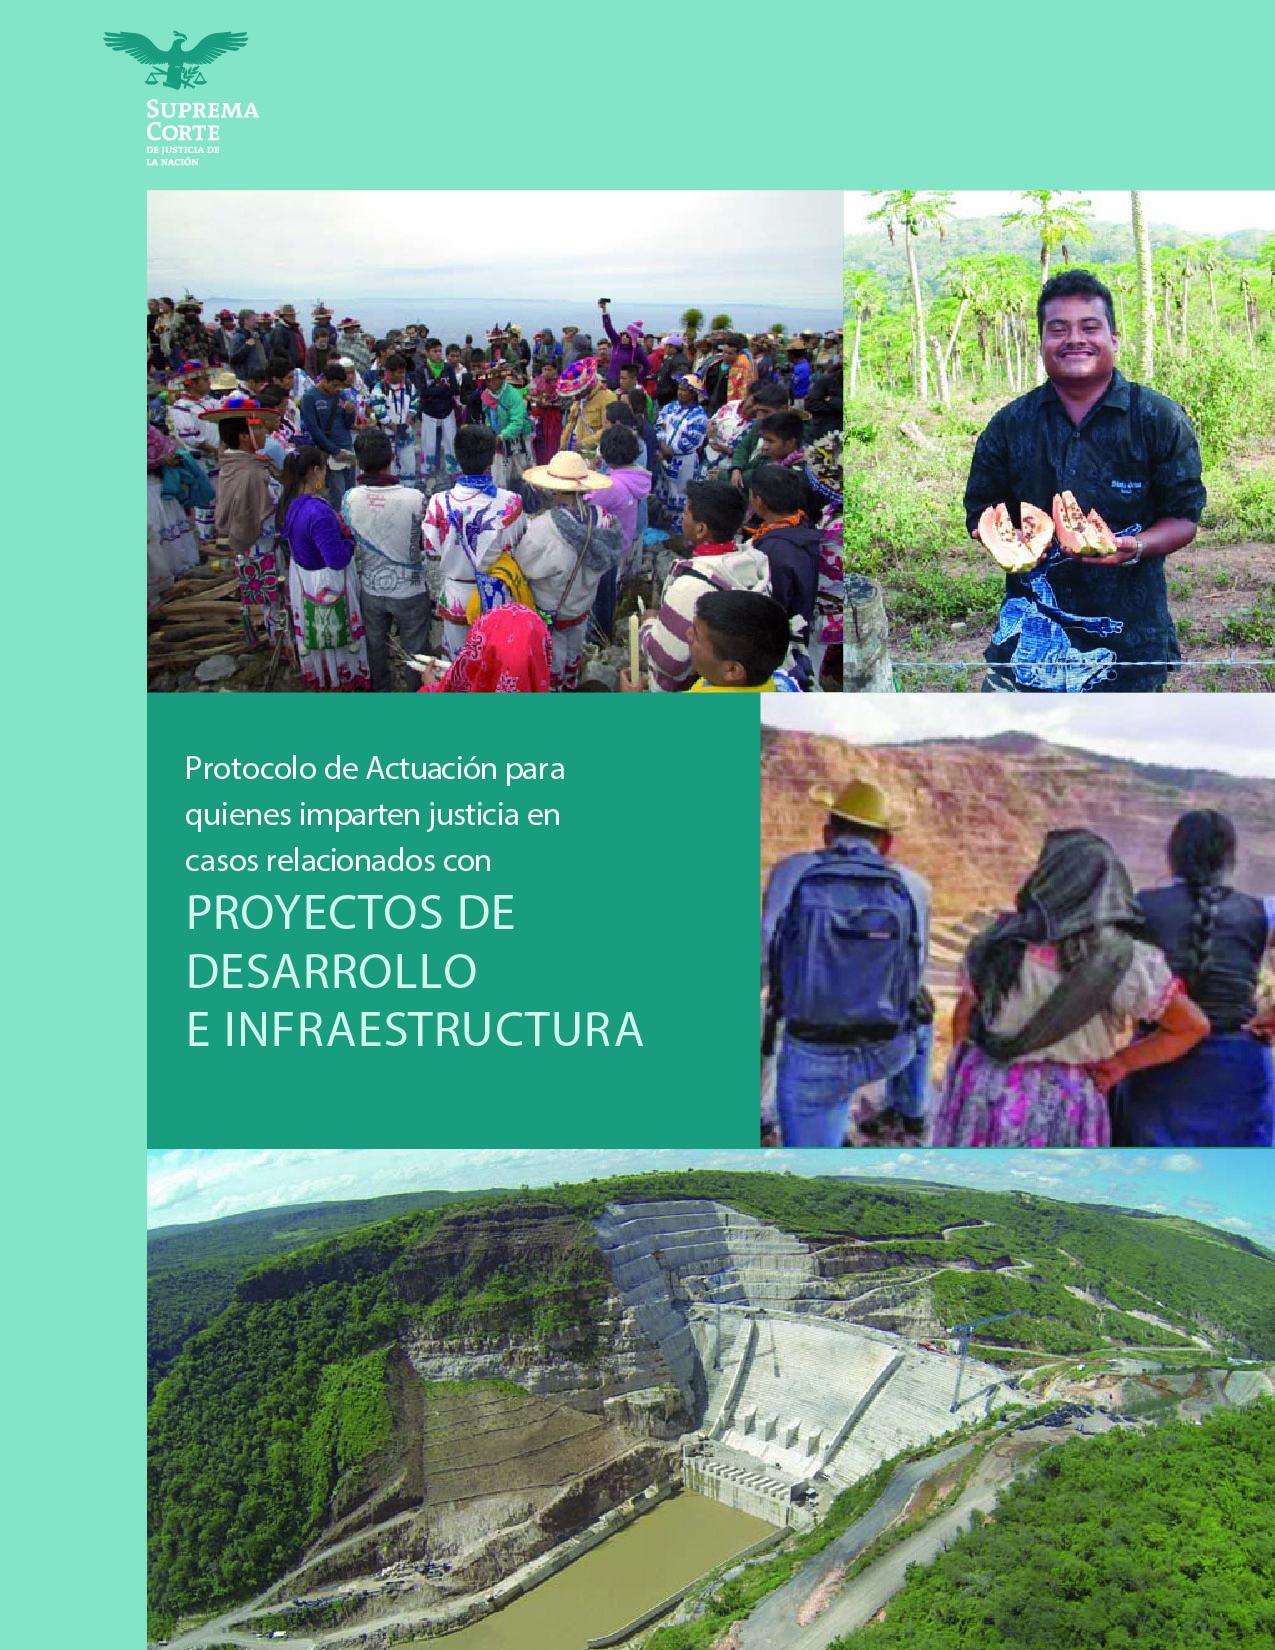 Protocolo de actuación para quienes imparten justicia en casos relacionados con proyectos de desarrollo e infraestructura